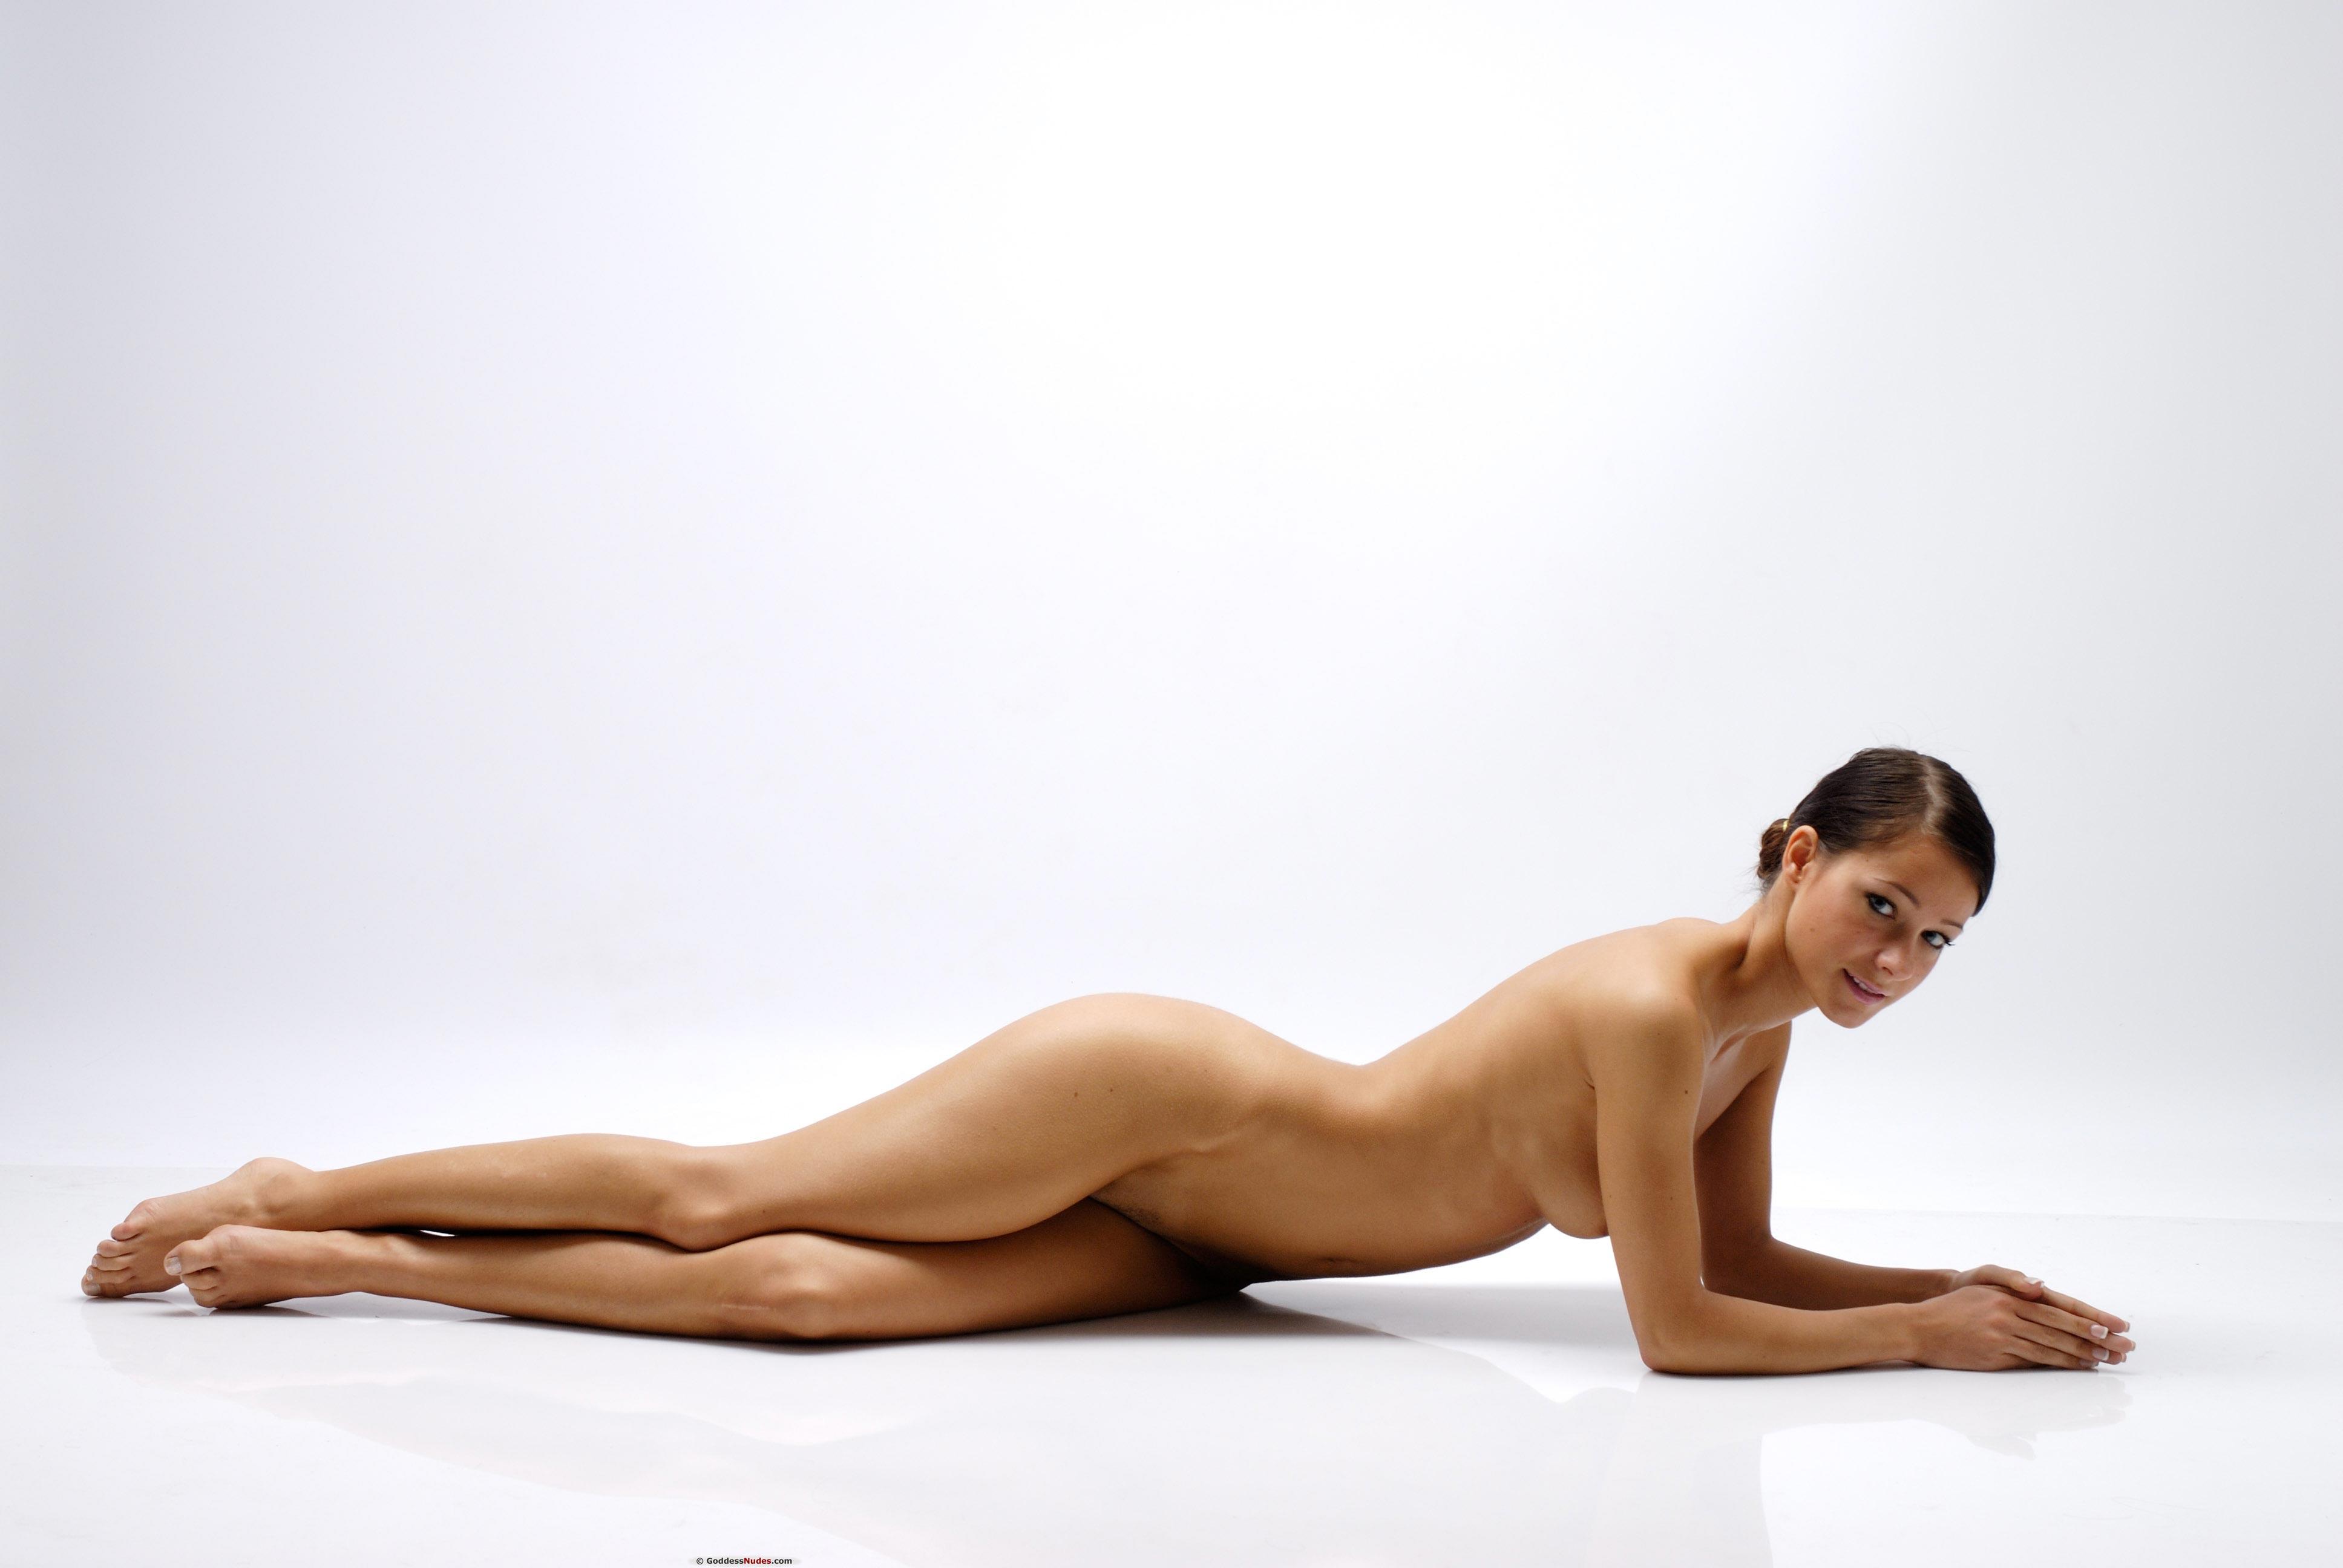 Фото голые йога, Голая йога. Зрелище невероятной красоты (28 фото) 21 фотография